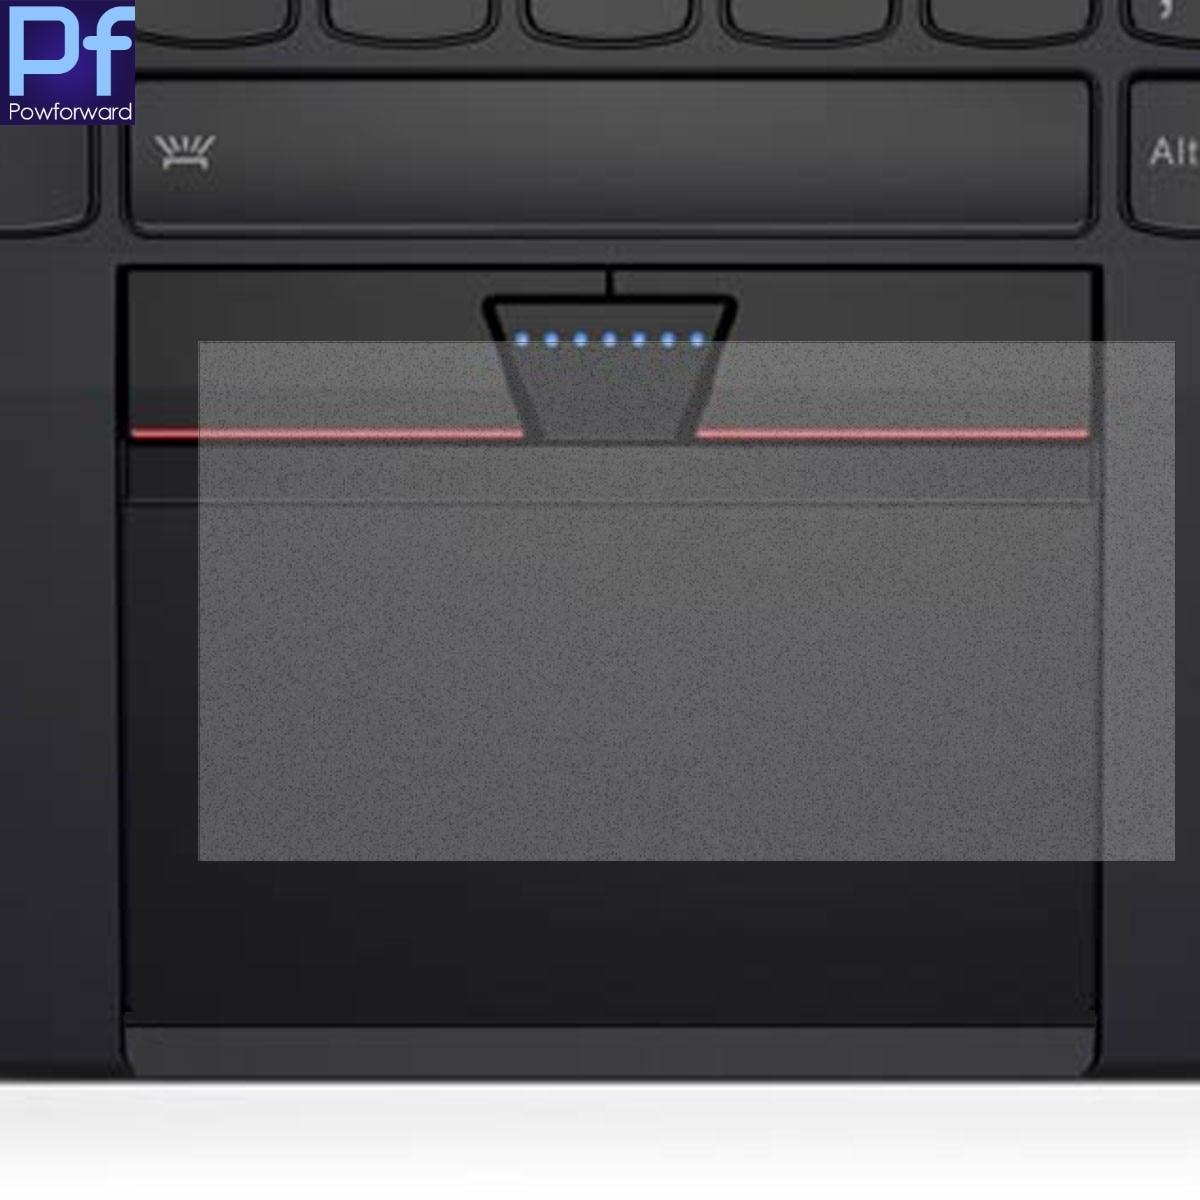 Protetor matte da etiqueta do filme do touchpad para lenovo thinkpad t440 t440s t440p t450 t450s t460 t460s t460p almofada de toque